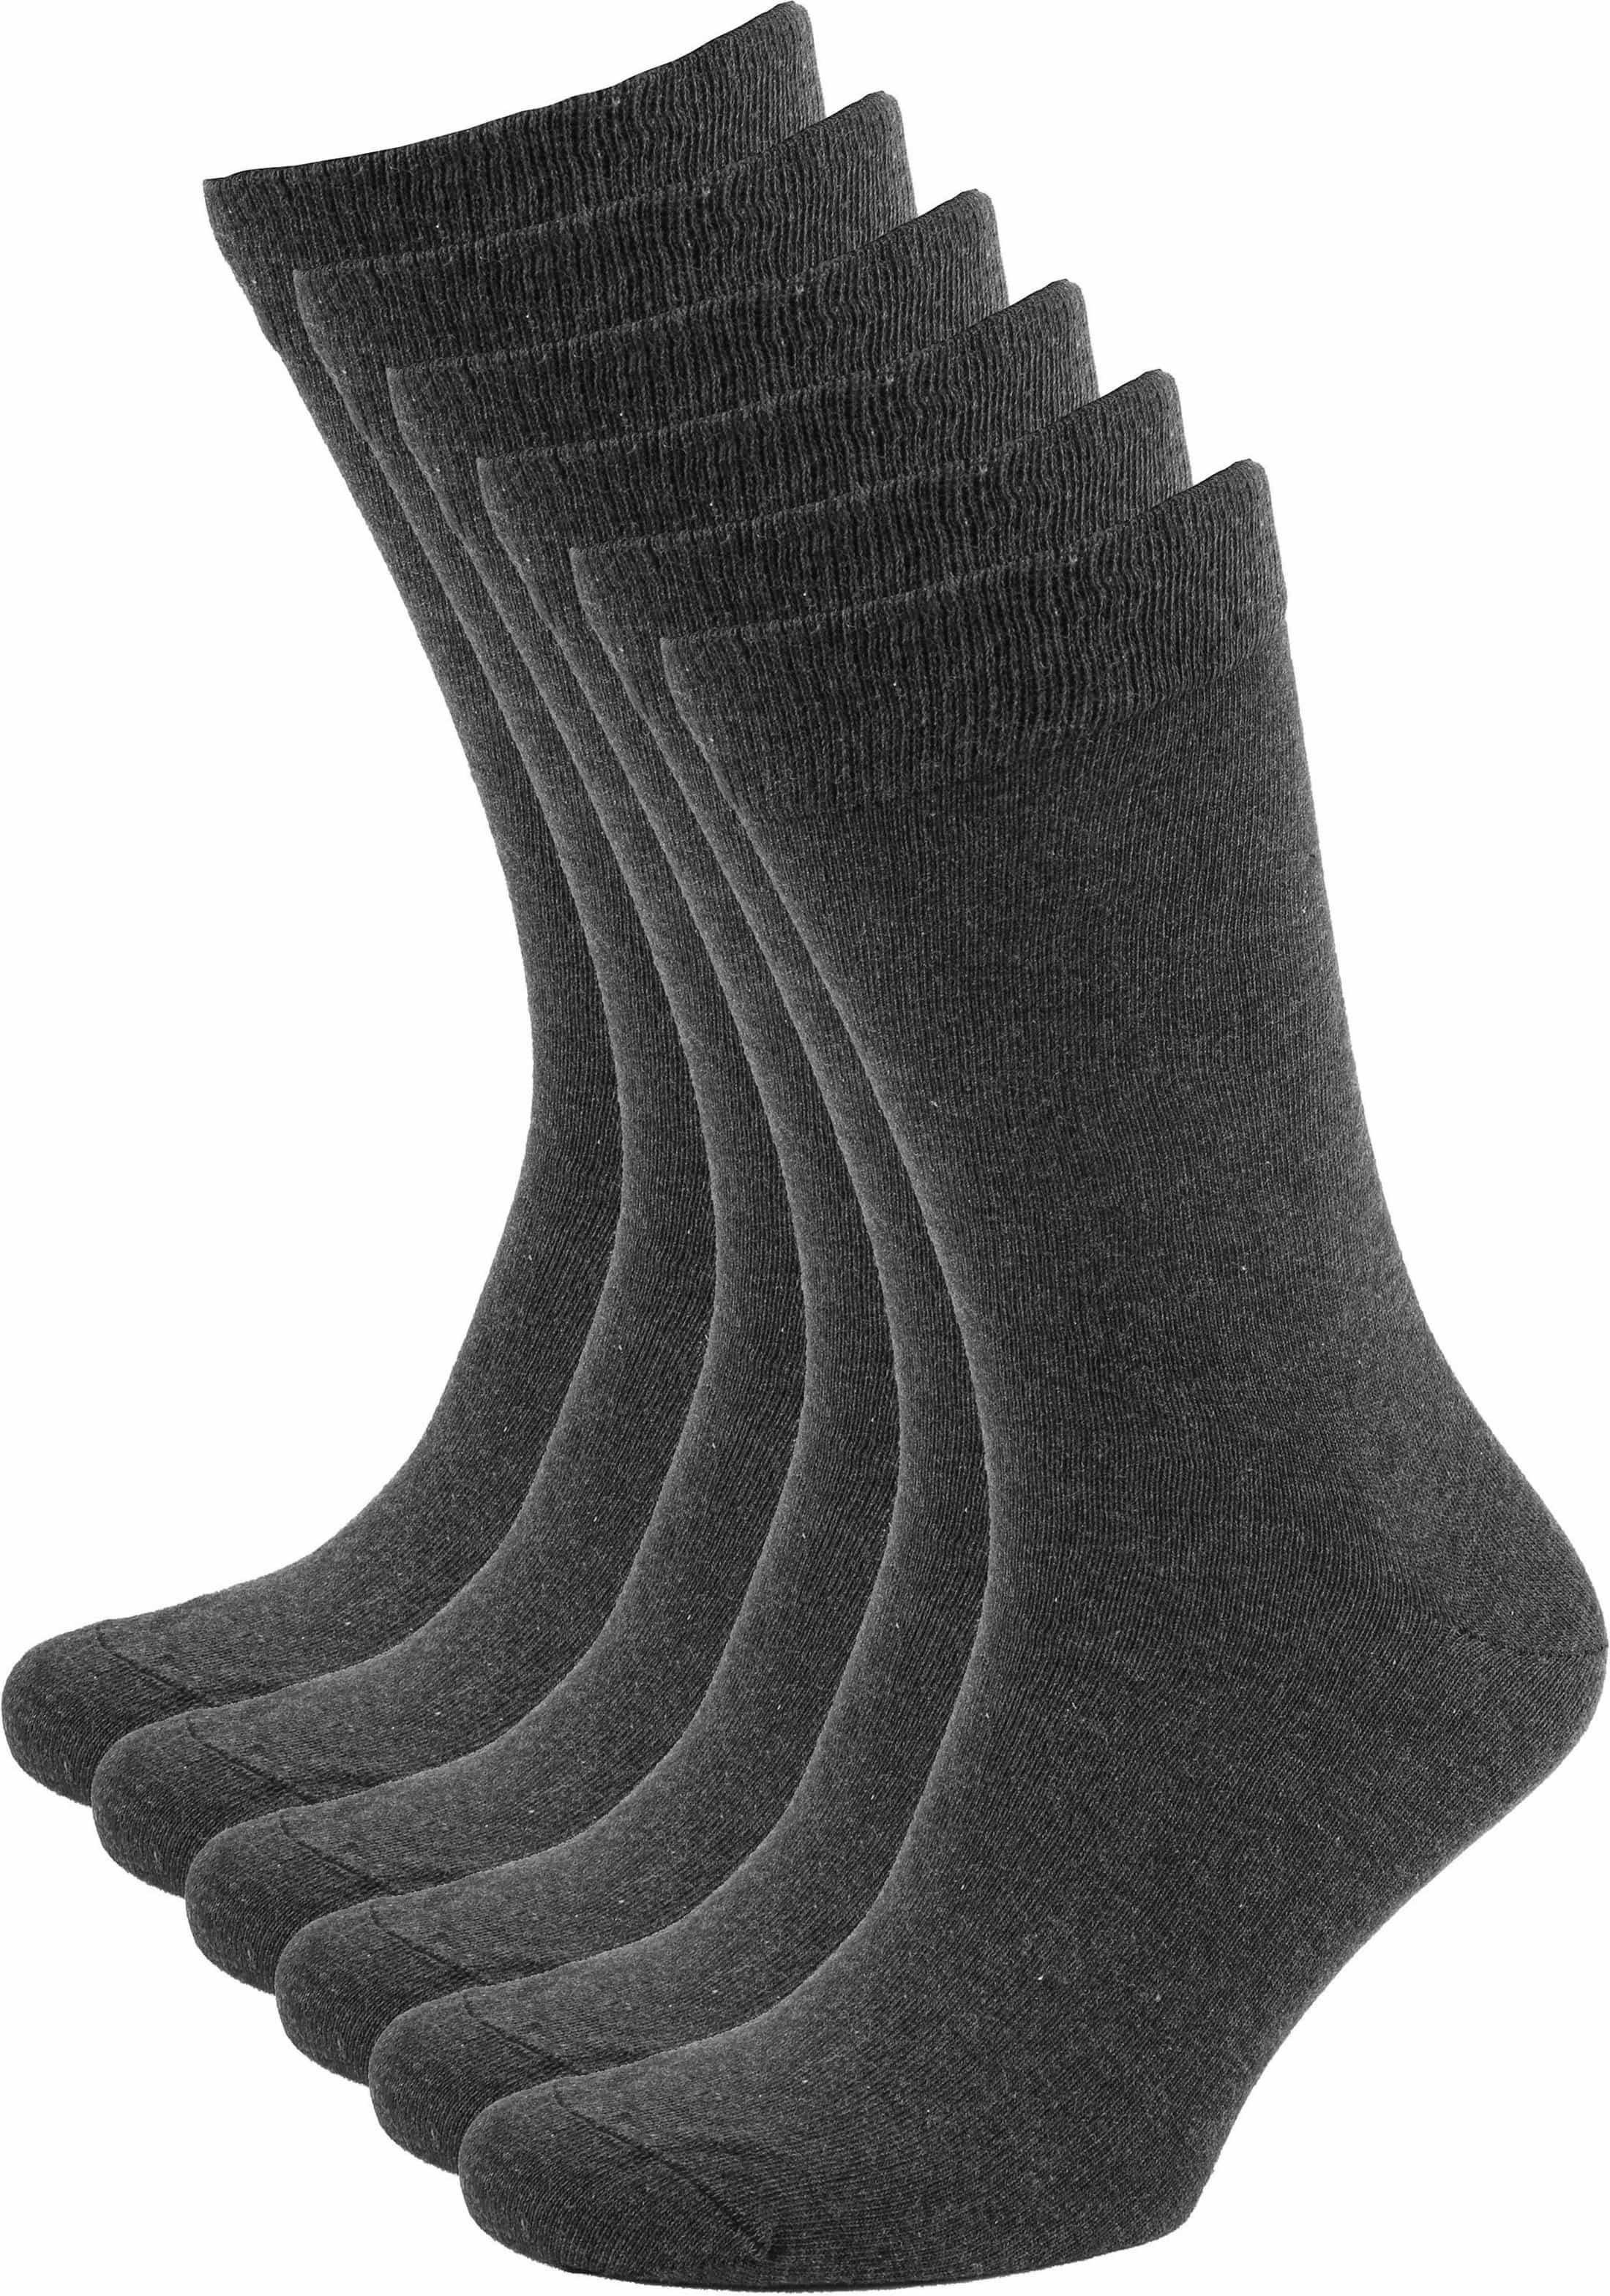 Suitable Bio-Baumwolle Socken Dunkelgrau 6-Pack foto 0